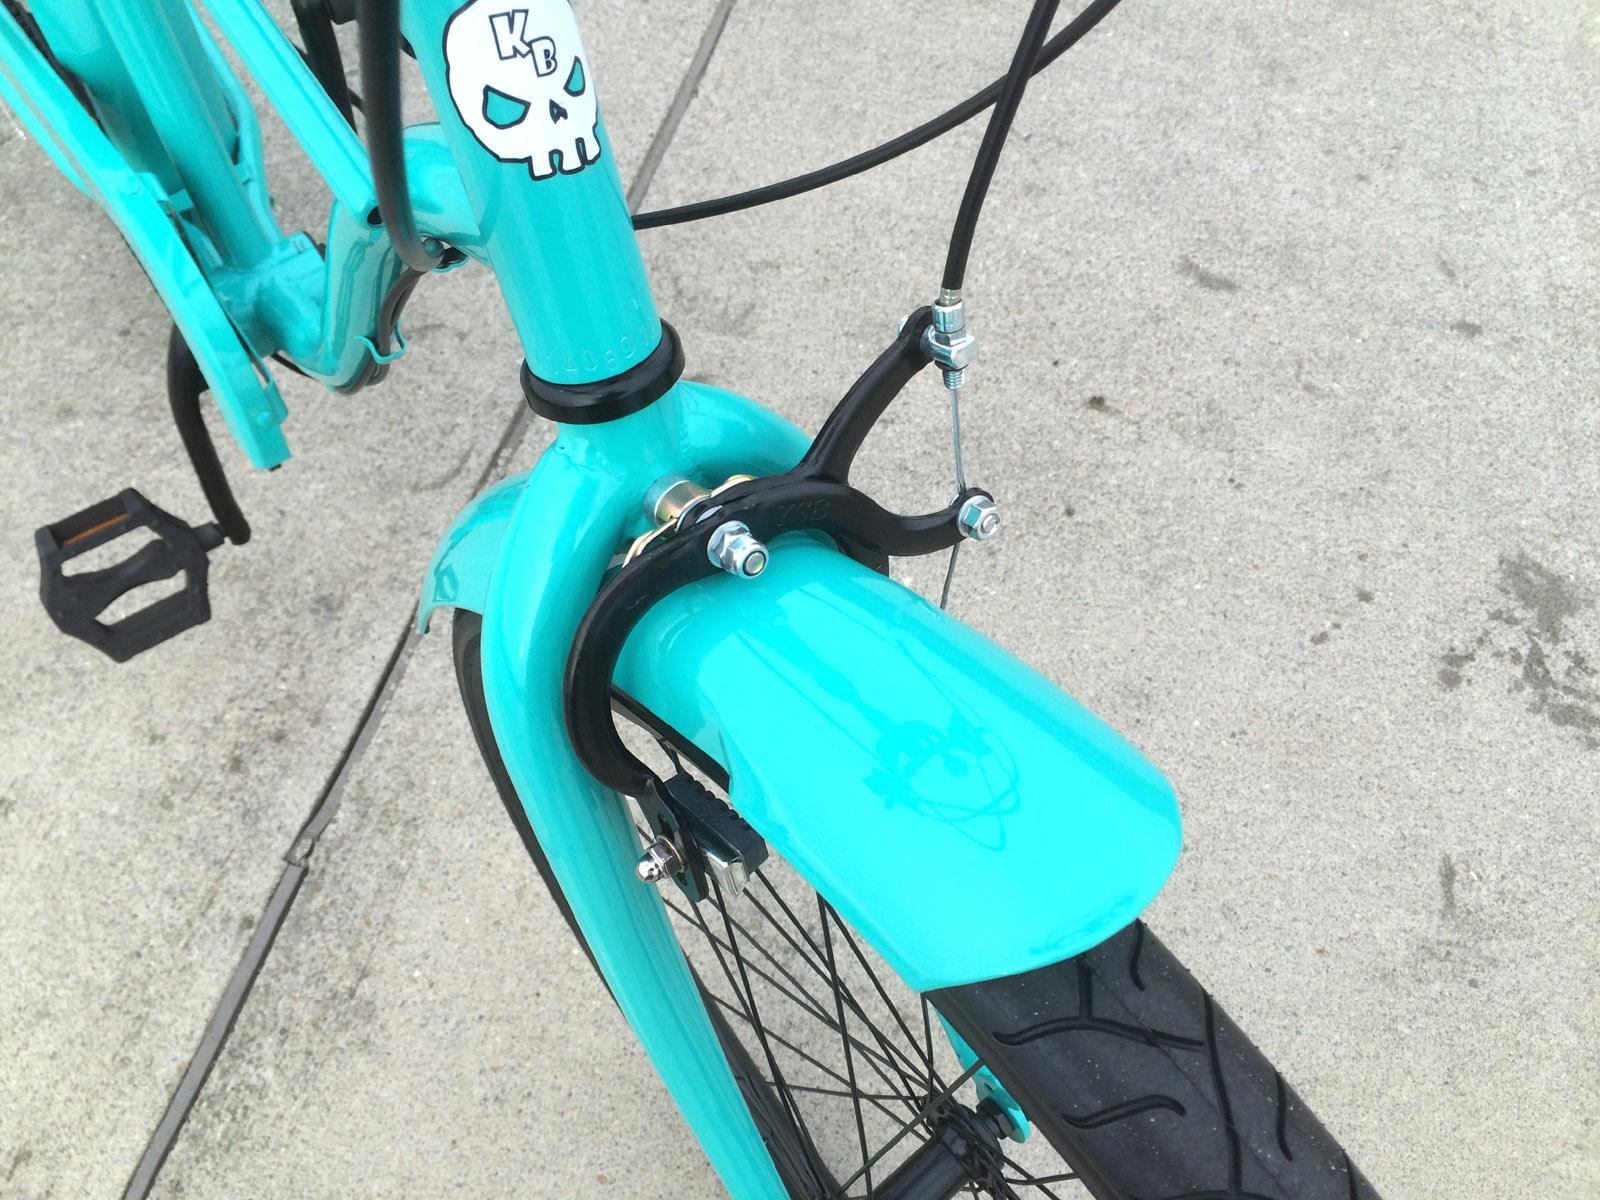 自転車の 自転車 変速機 グリップ 交換 : 4点止めステムでハンドル交換 ...